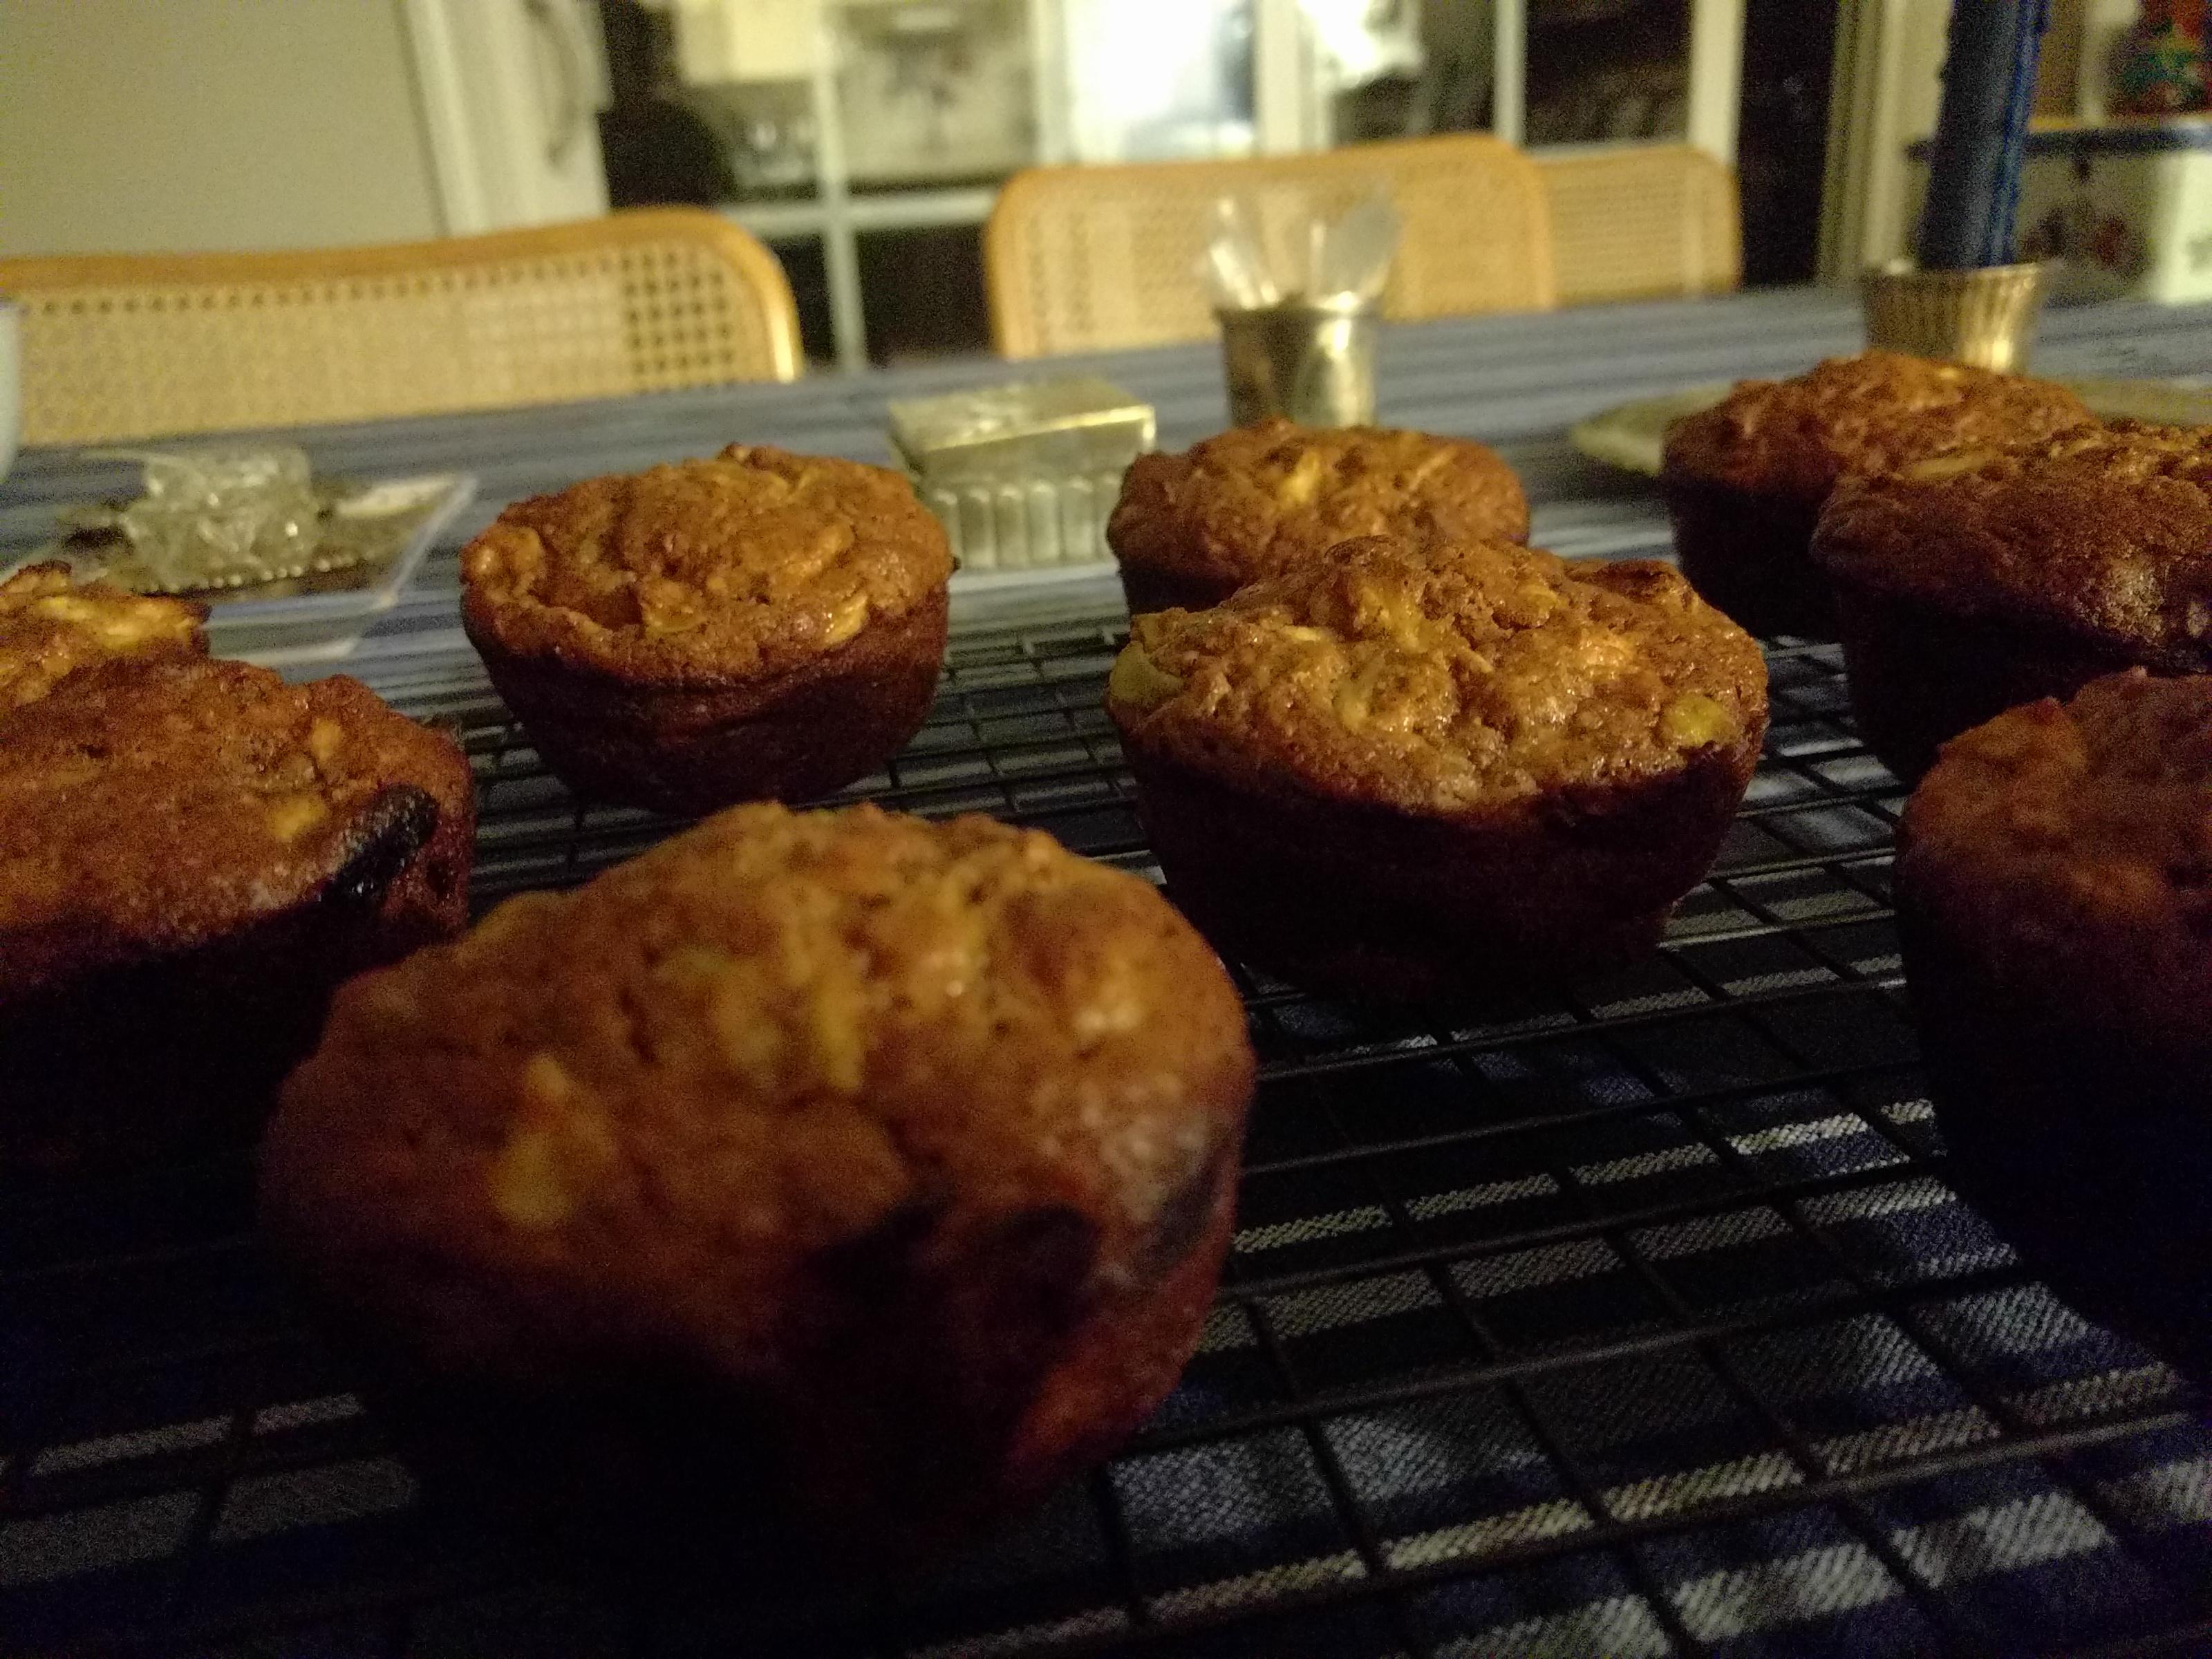 Roxie's Bran Muffins Blueberry Sunshine